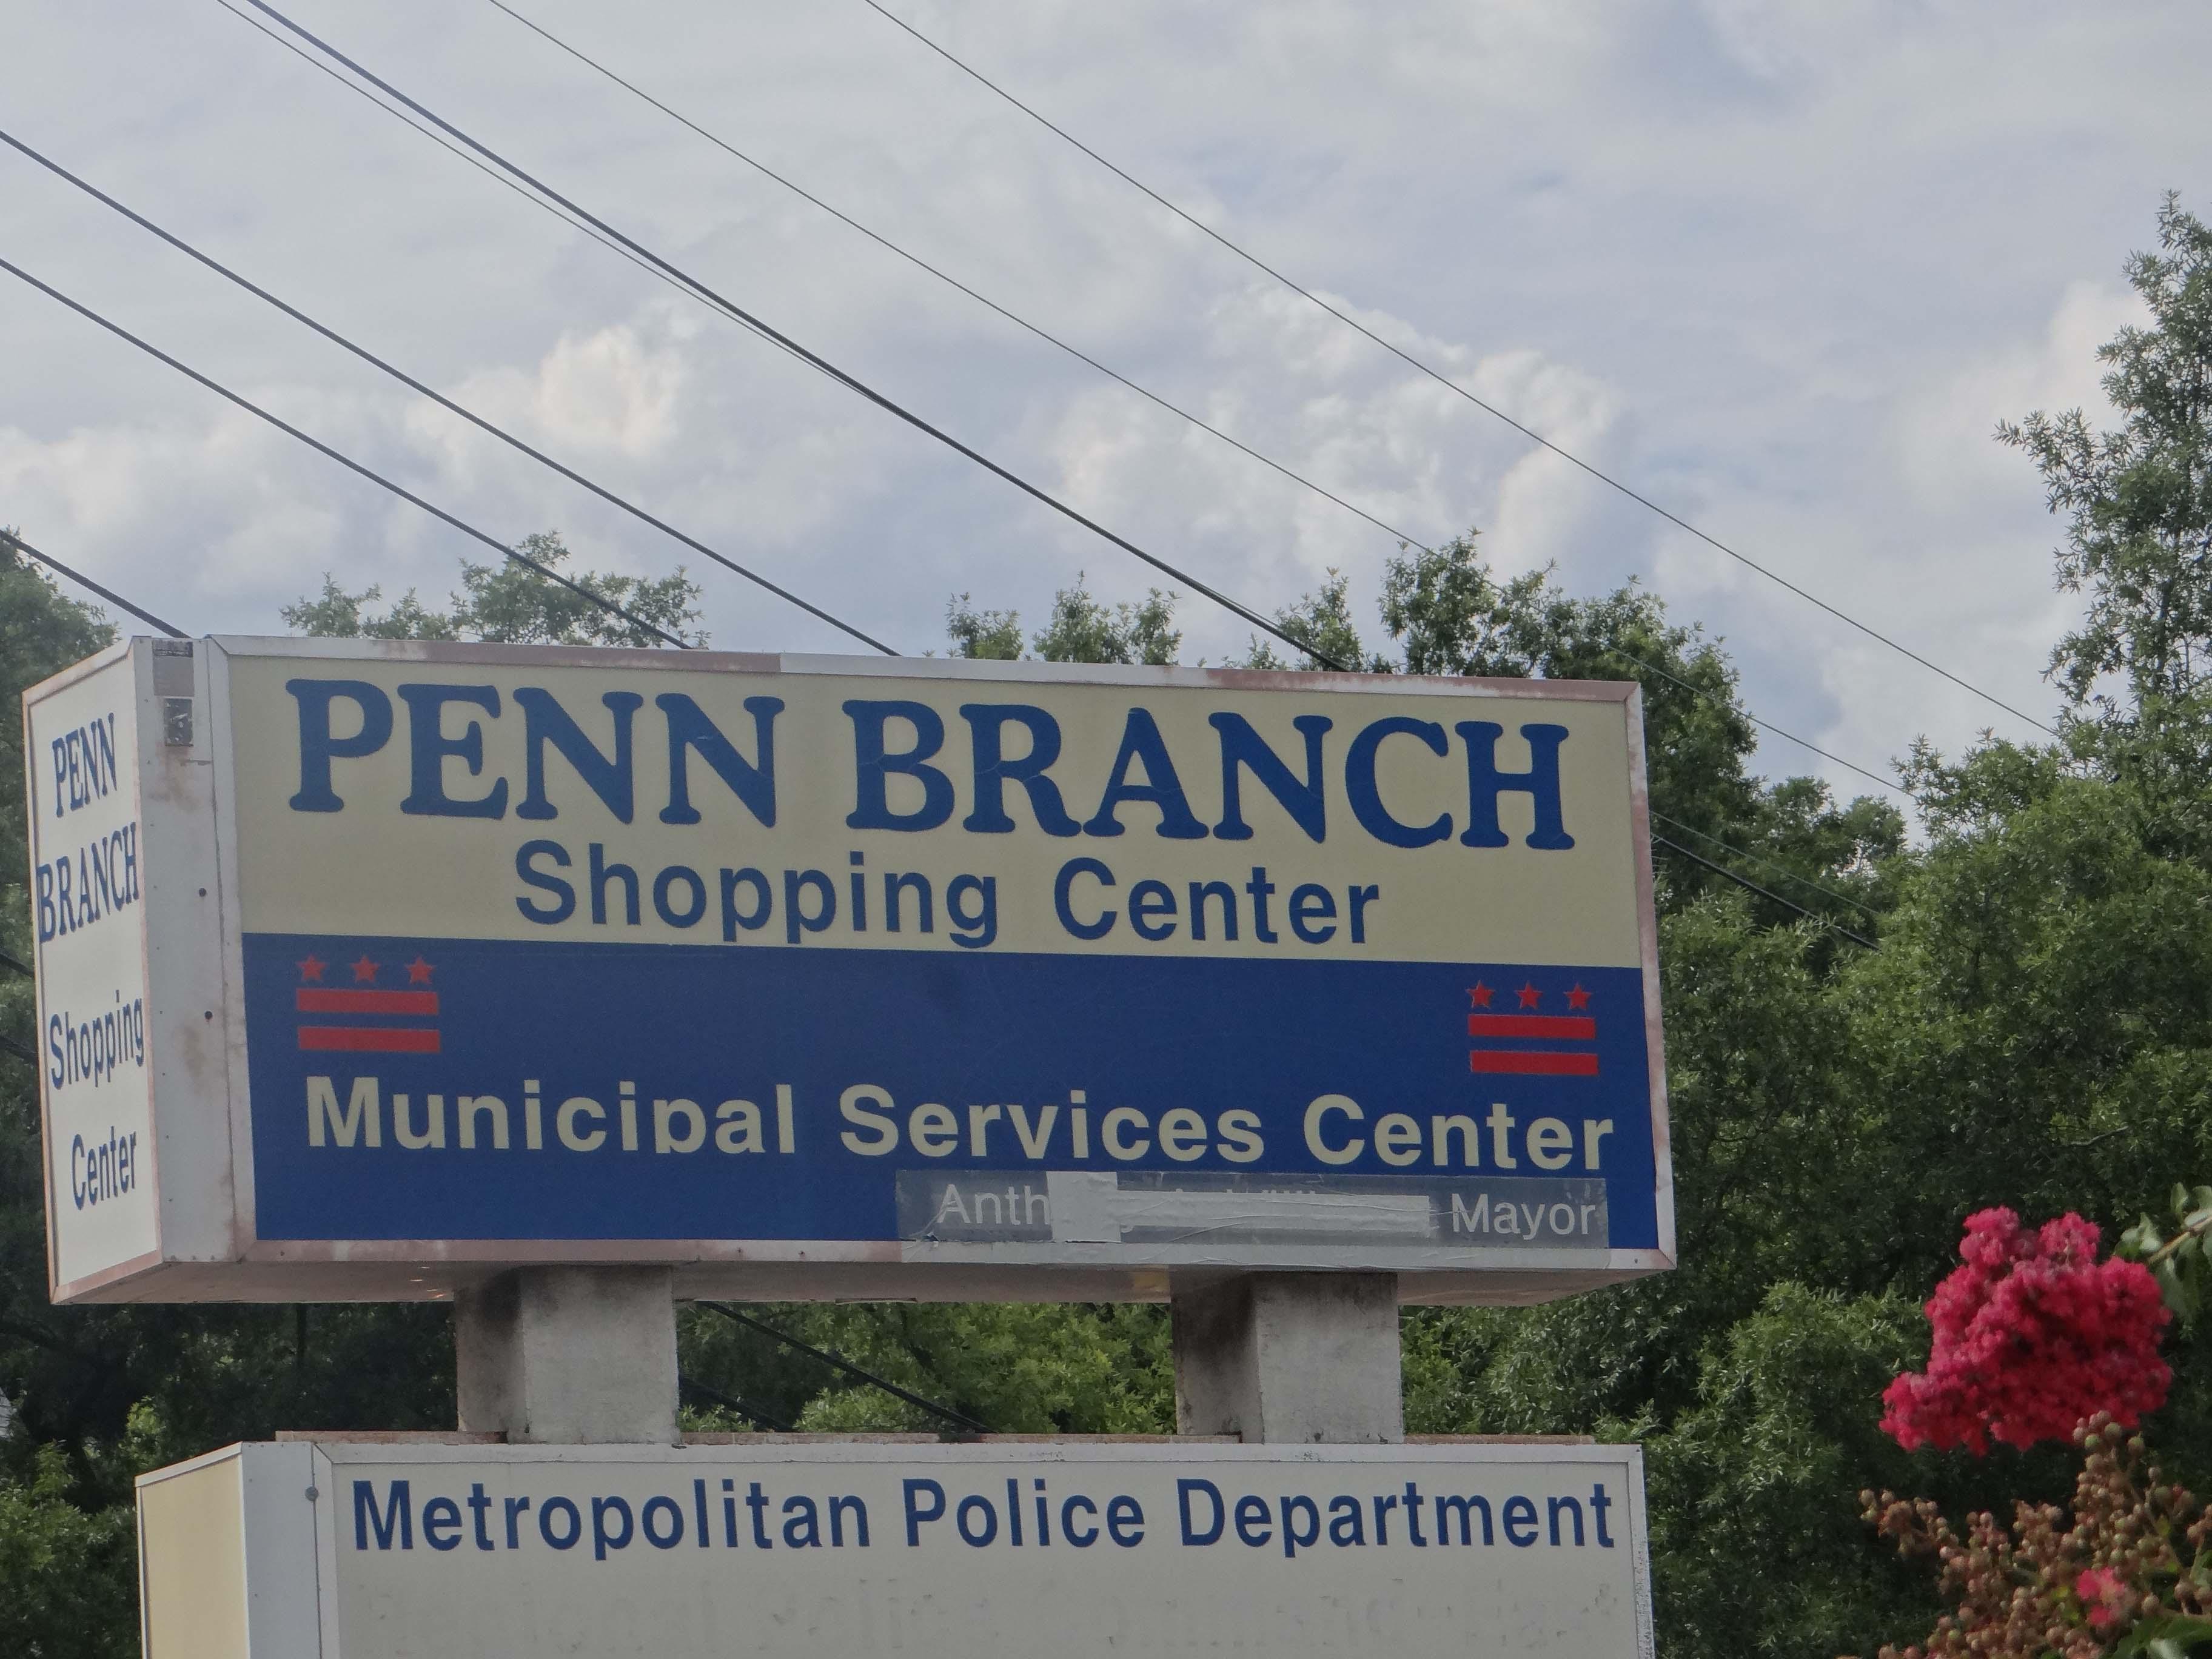 Penn Branch Shopping Center Sold!